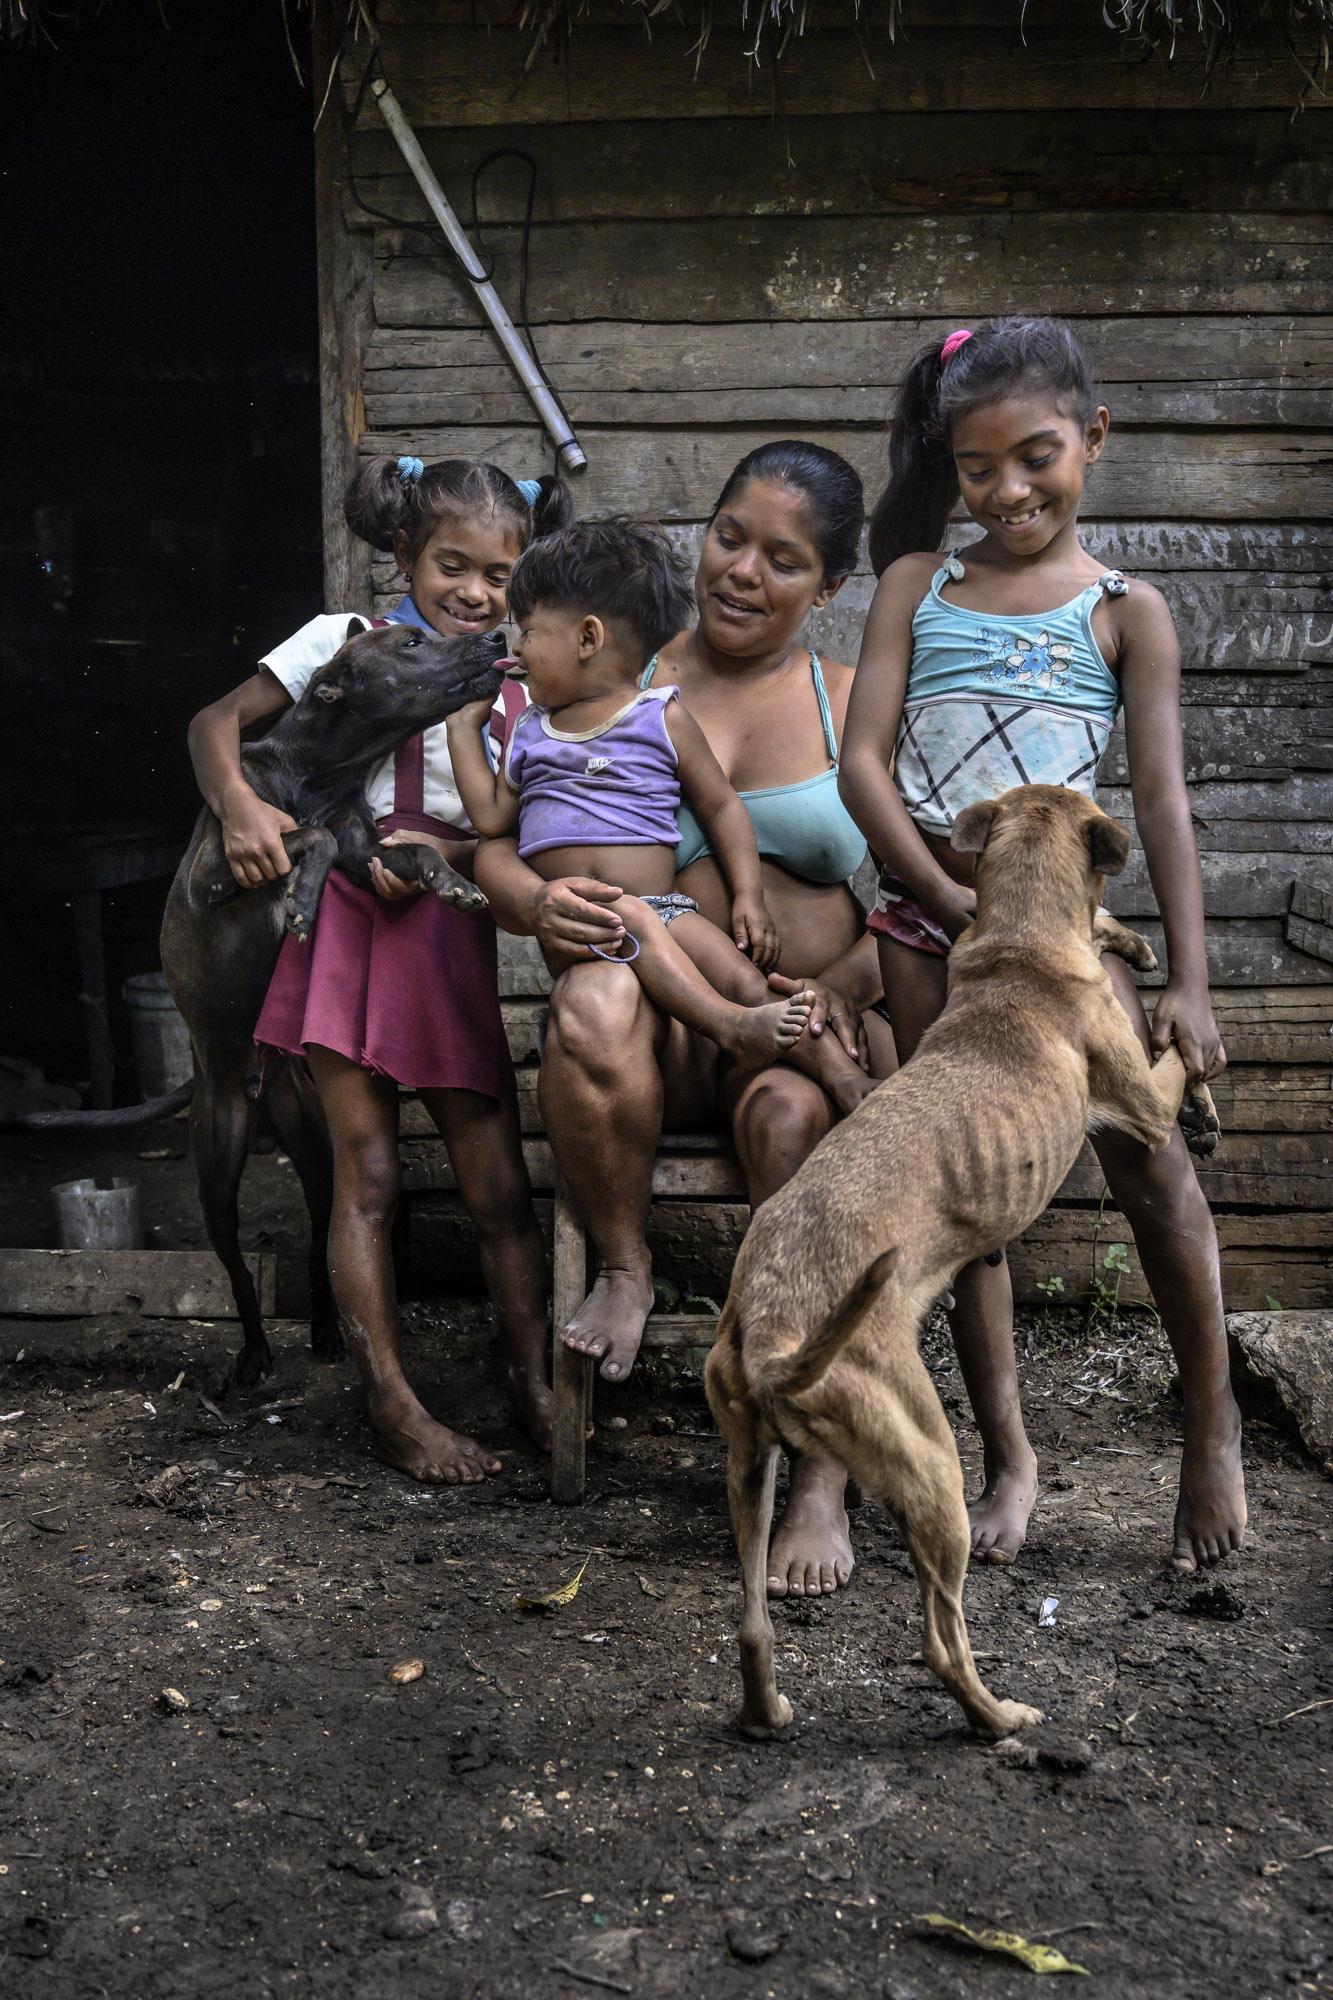 Caridad de los Indios - Cuba - Hector Garrido, Aerial and human photography